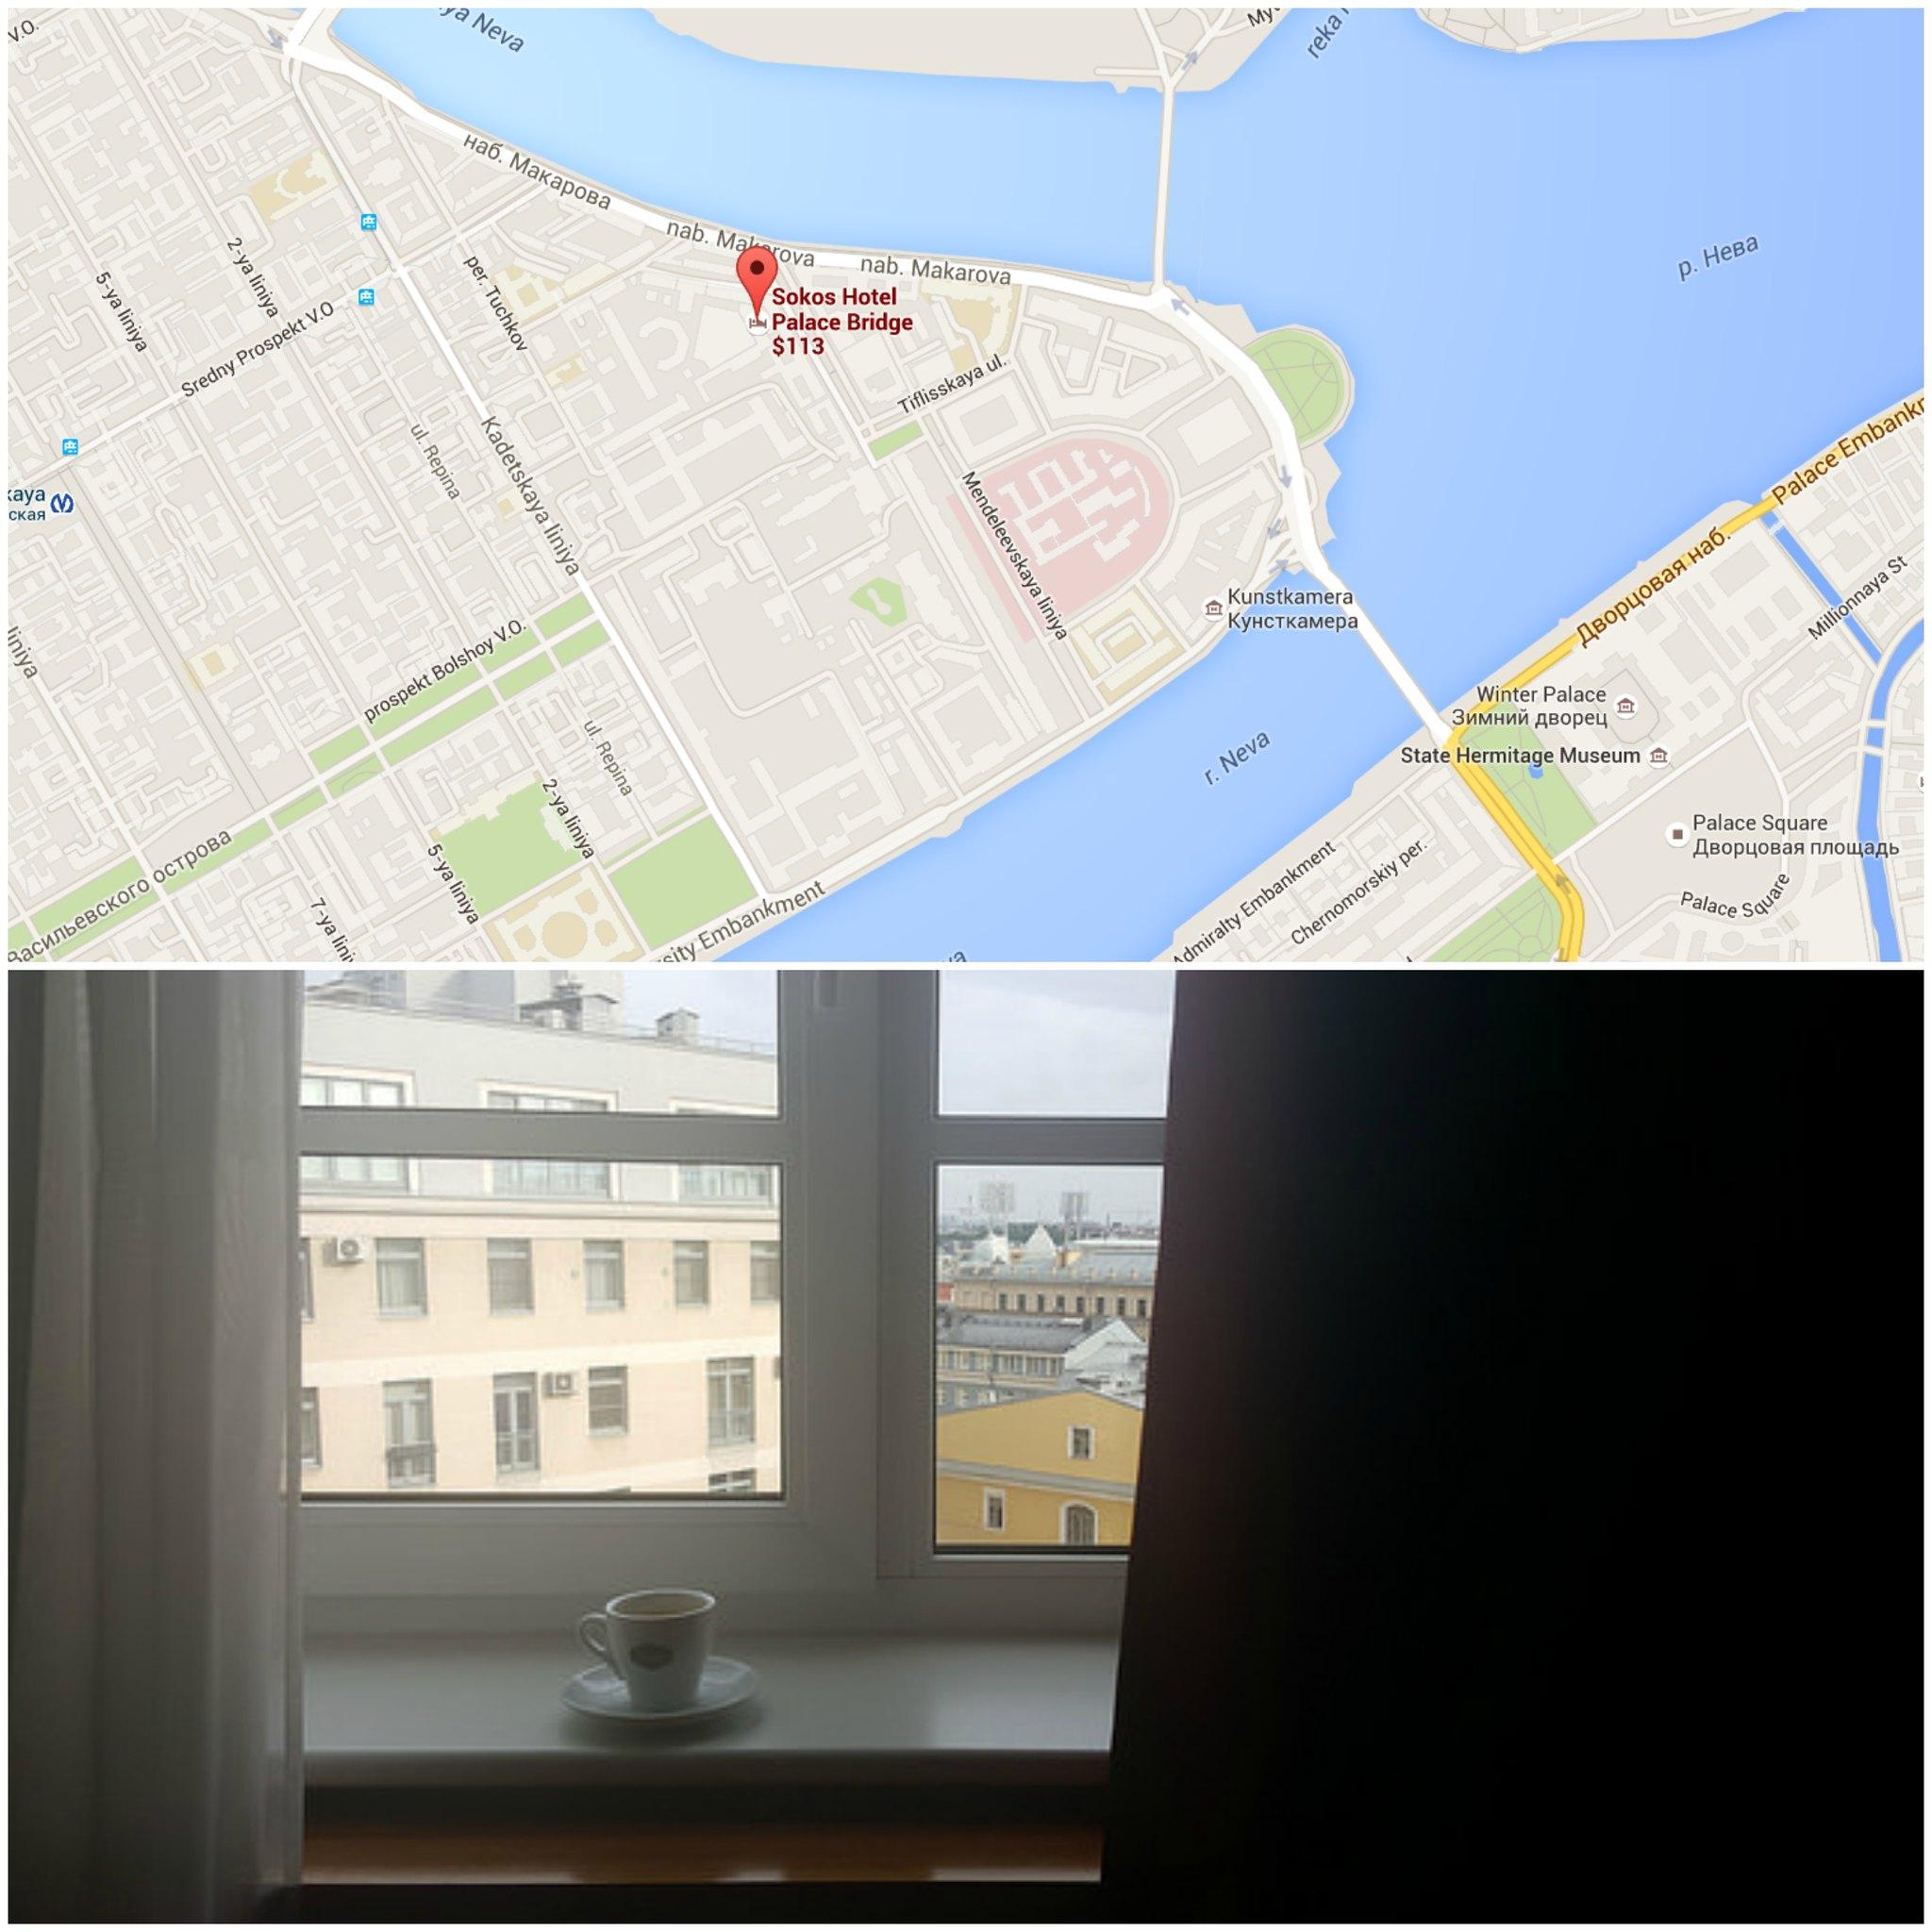 2015 Saint Petersburg Trip